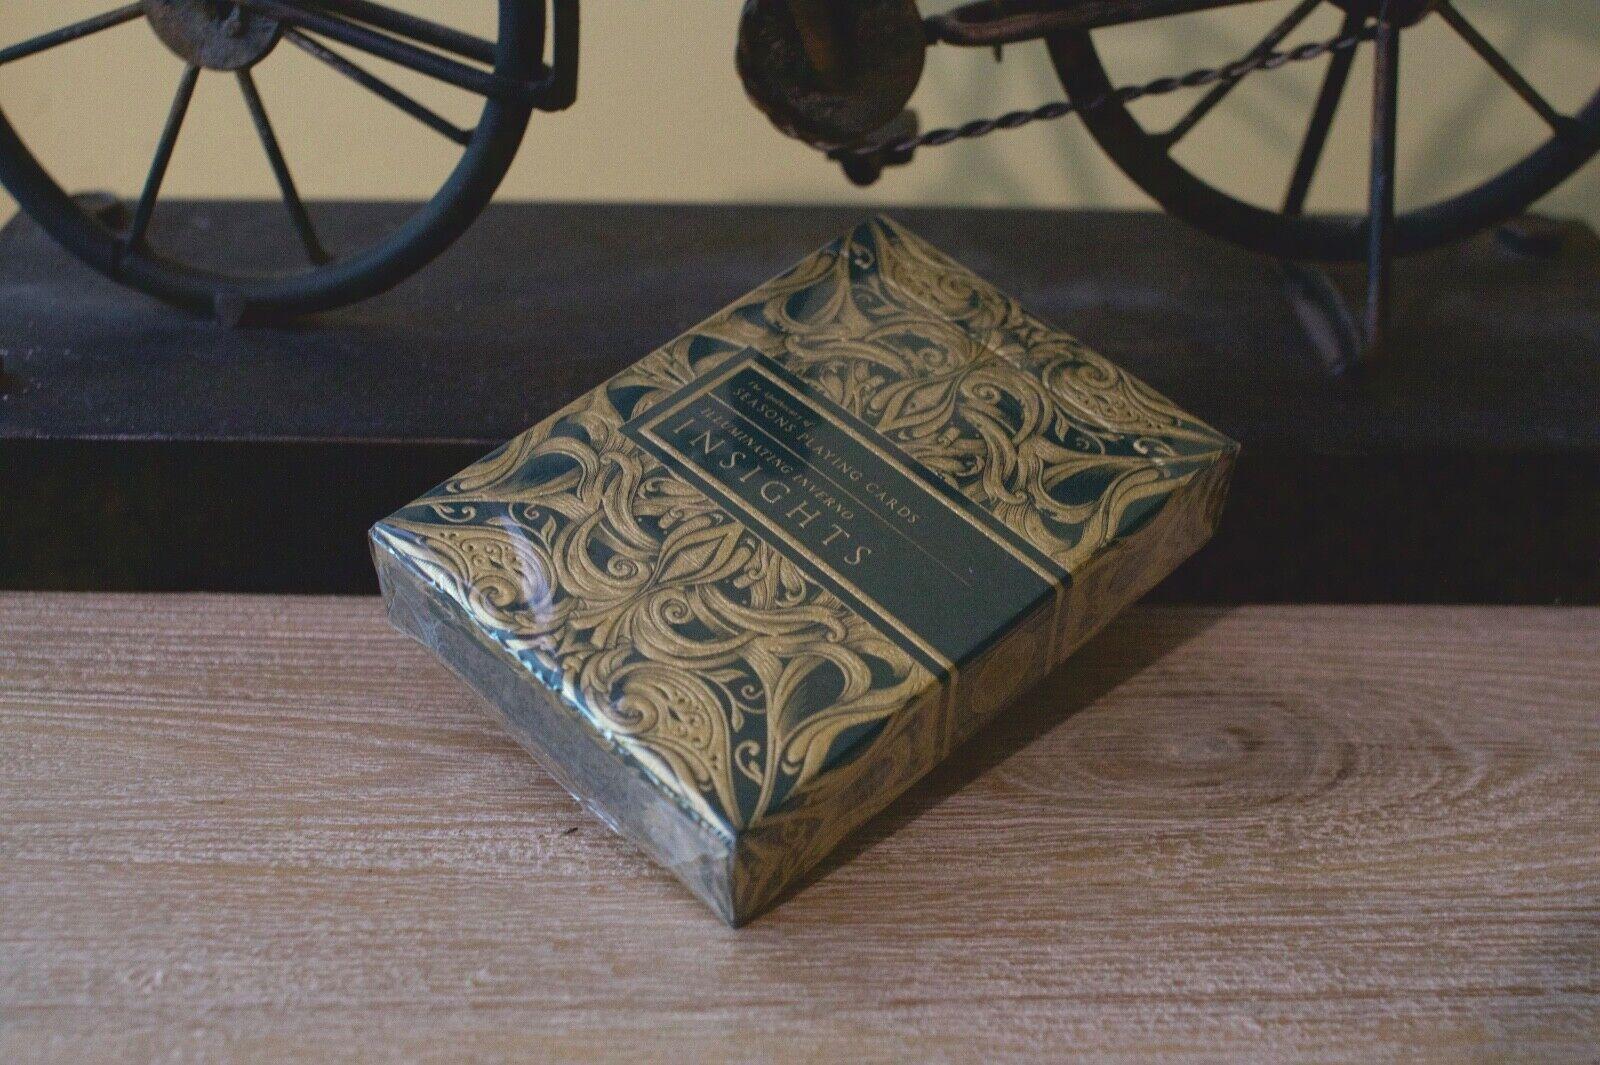 Intaglio grabado botiCocheio Tarjetas-Esmeralda conocimientos by Alexander barbilla  794